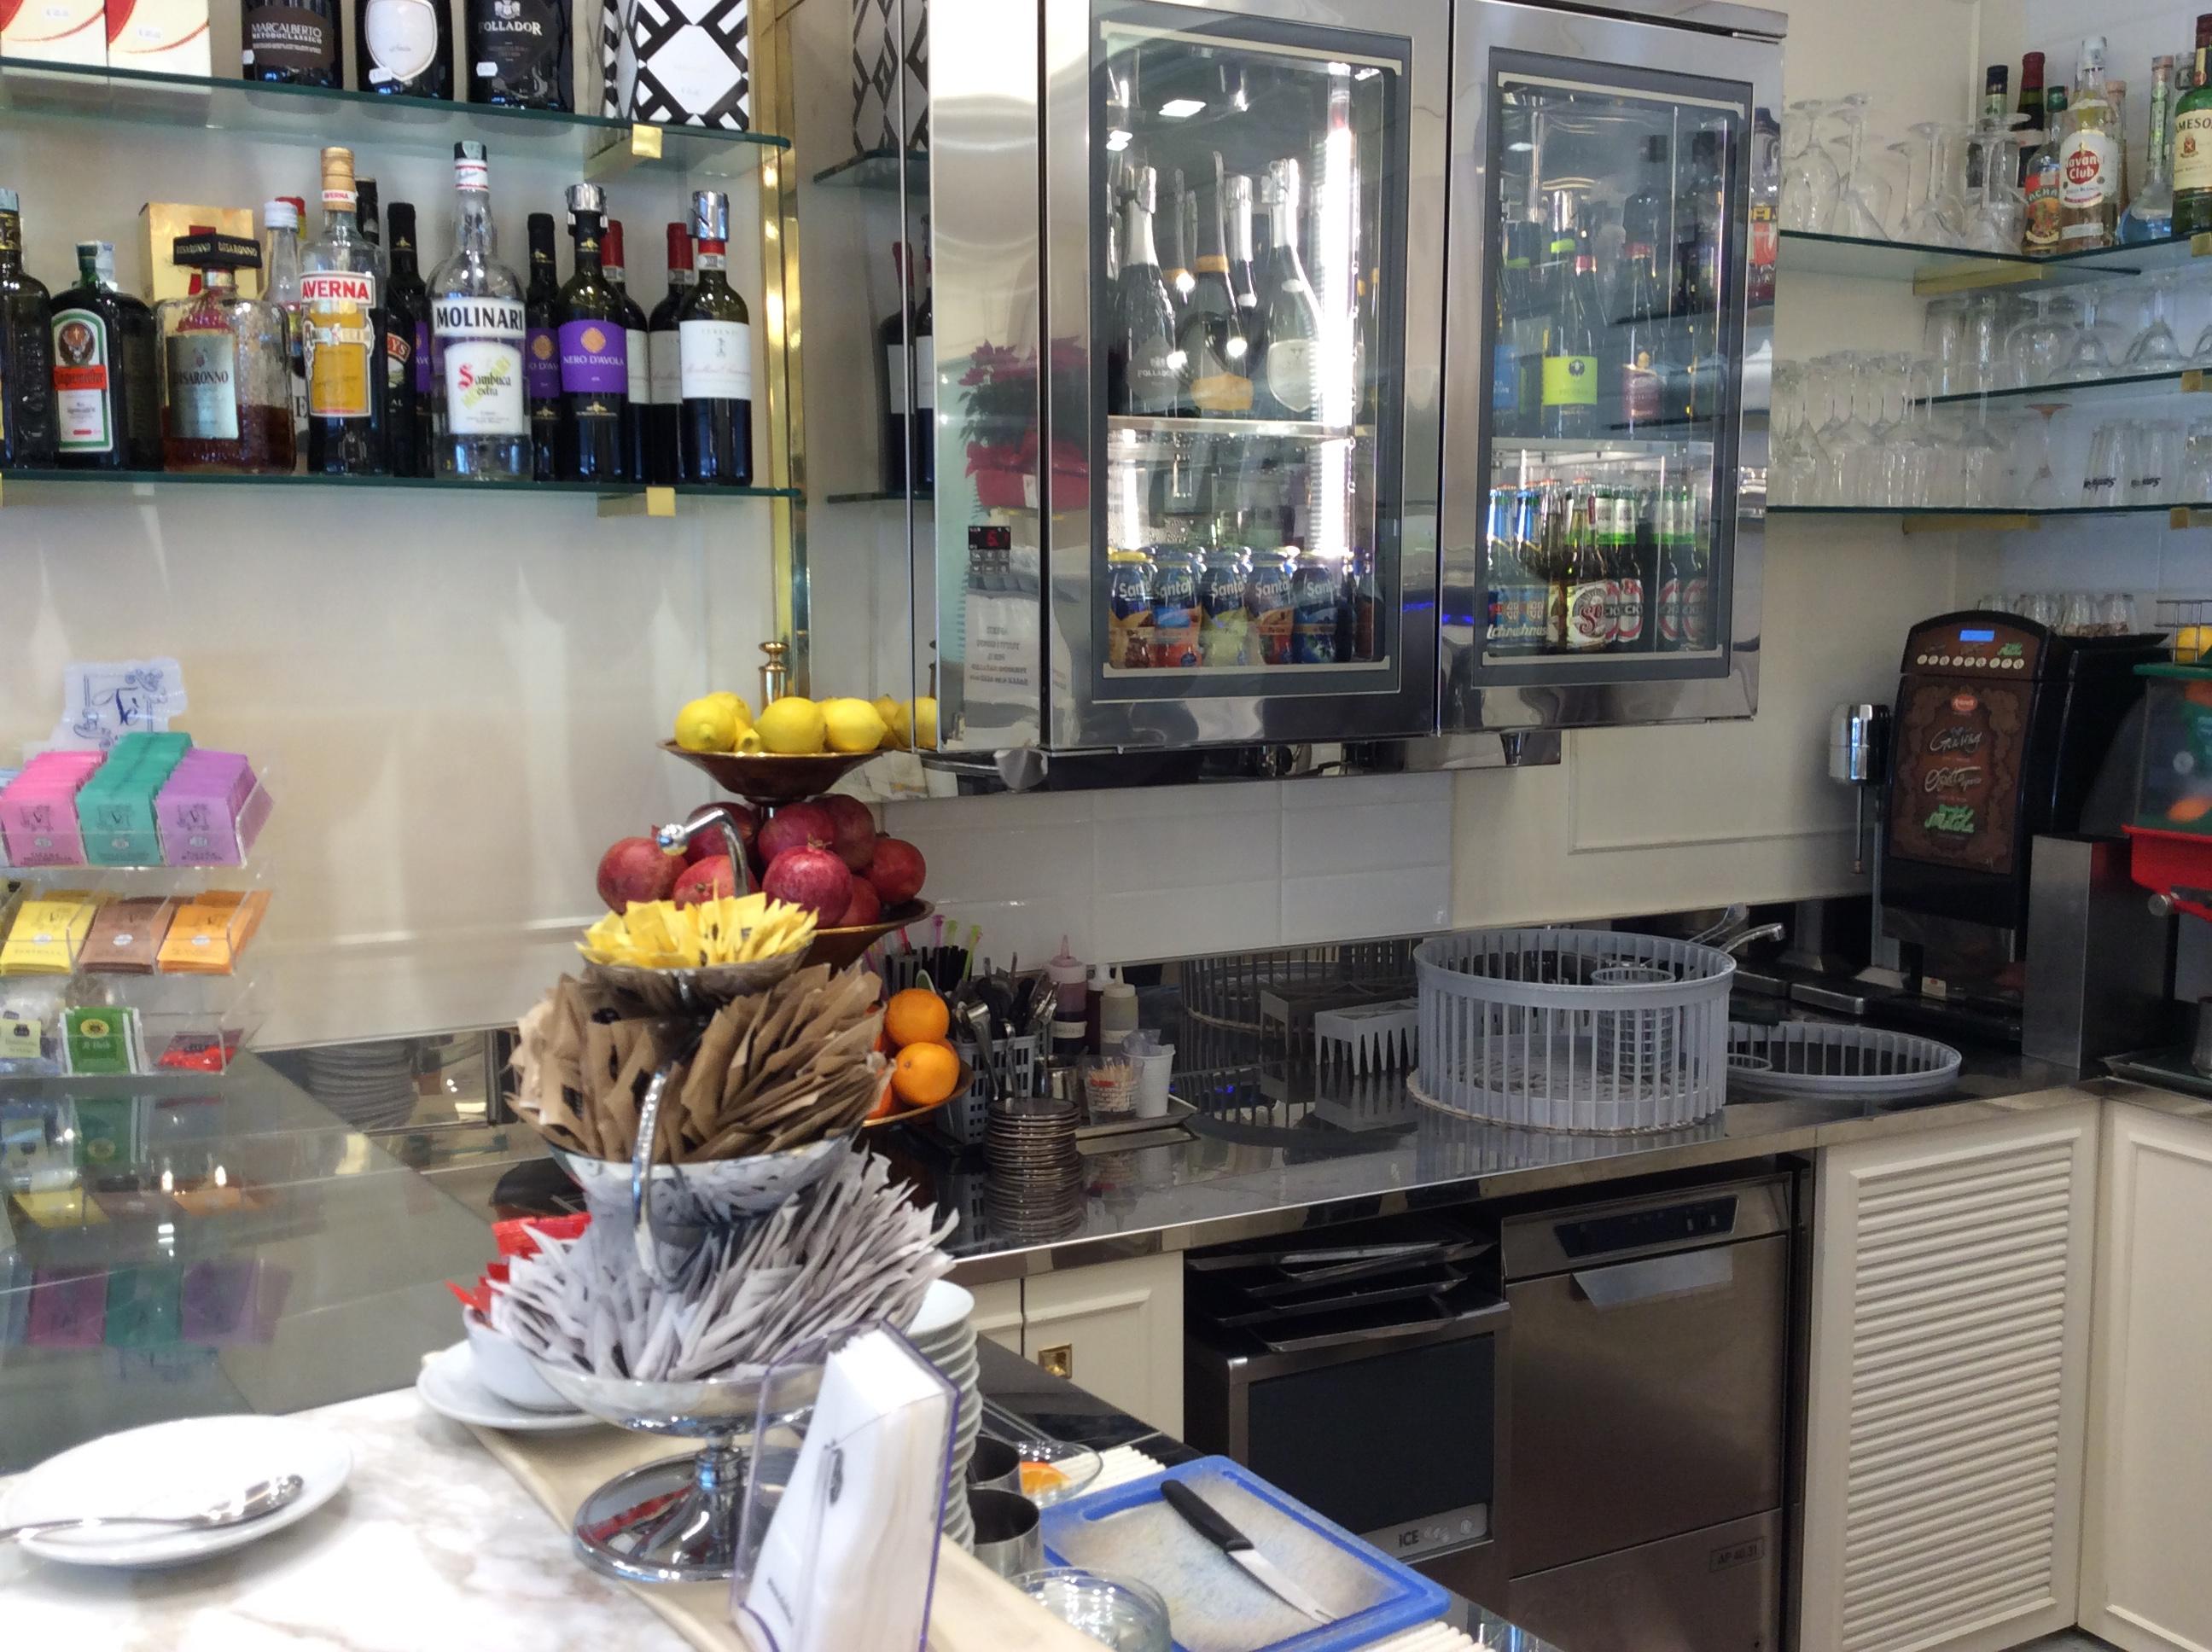 Molinari arredamenti foto with molinari arredamenti for Subito it genova arredamento